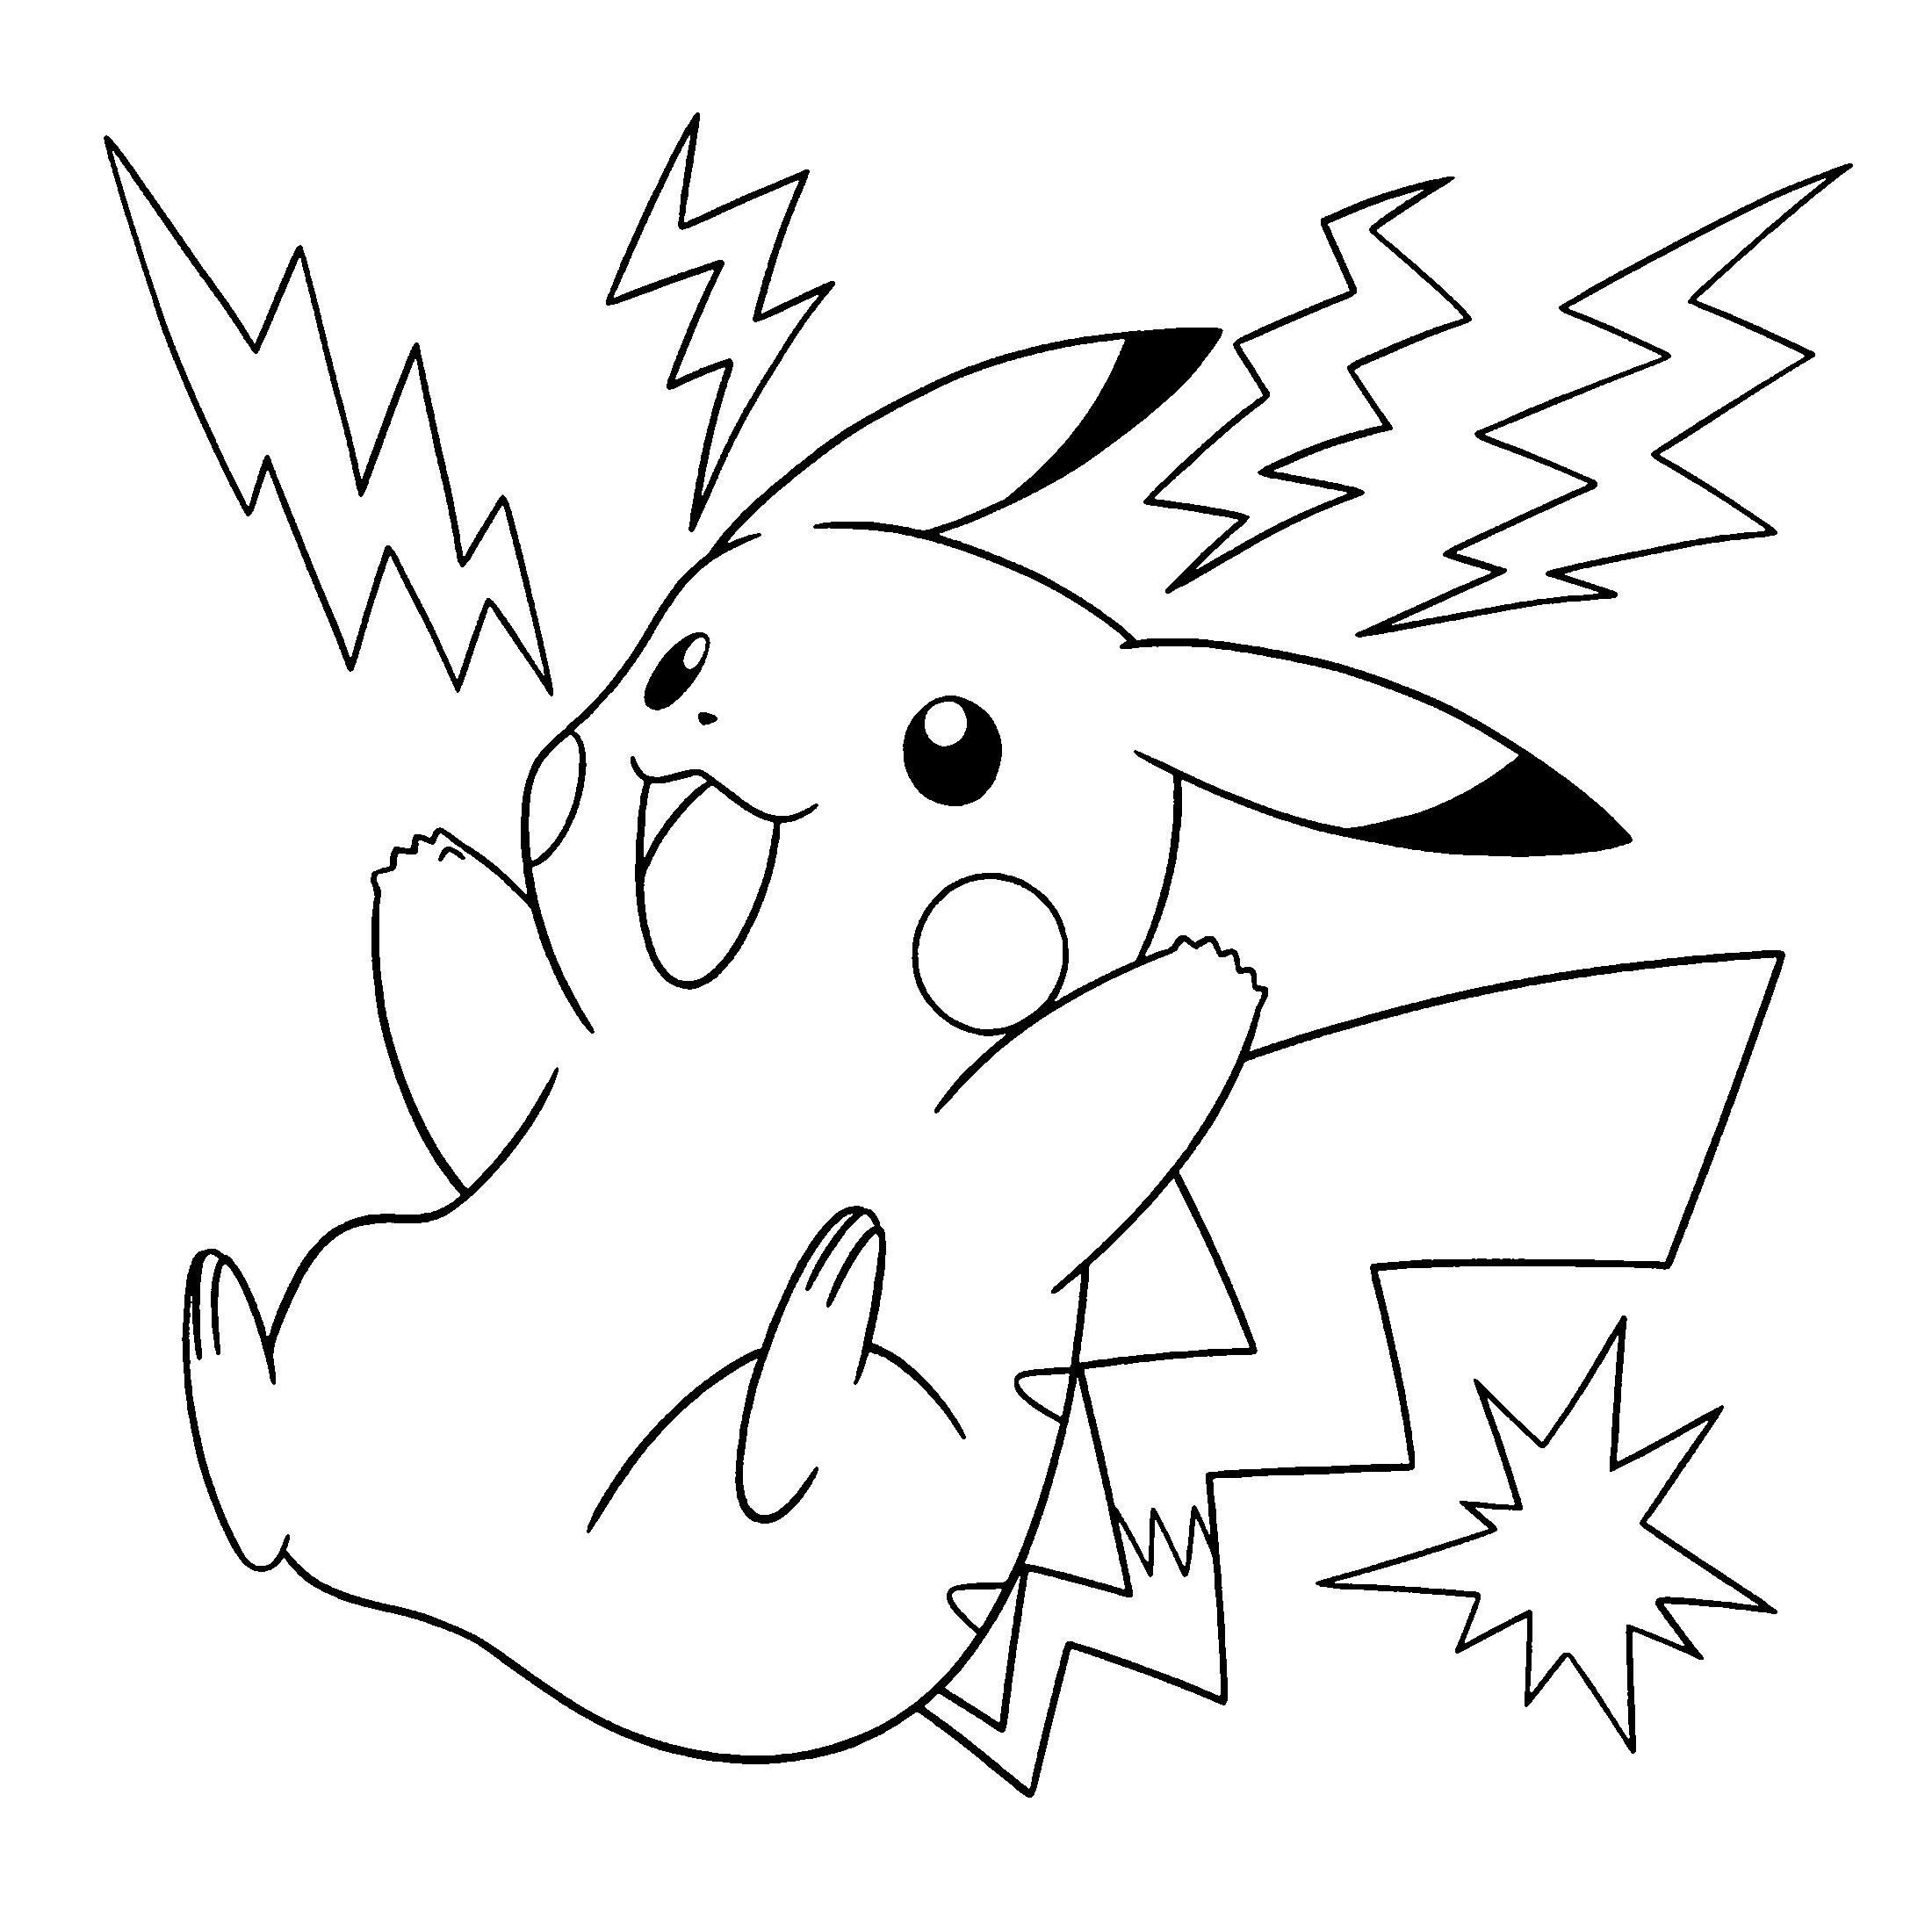 Coloriage pikachu gratuit imprimer - Dessin de pokemon facile ...